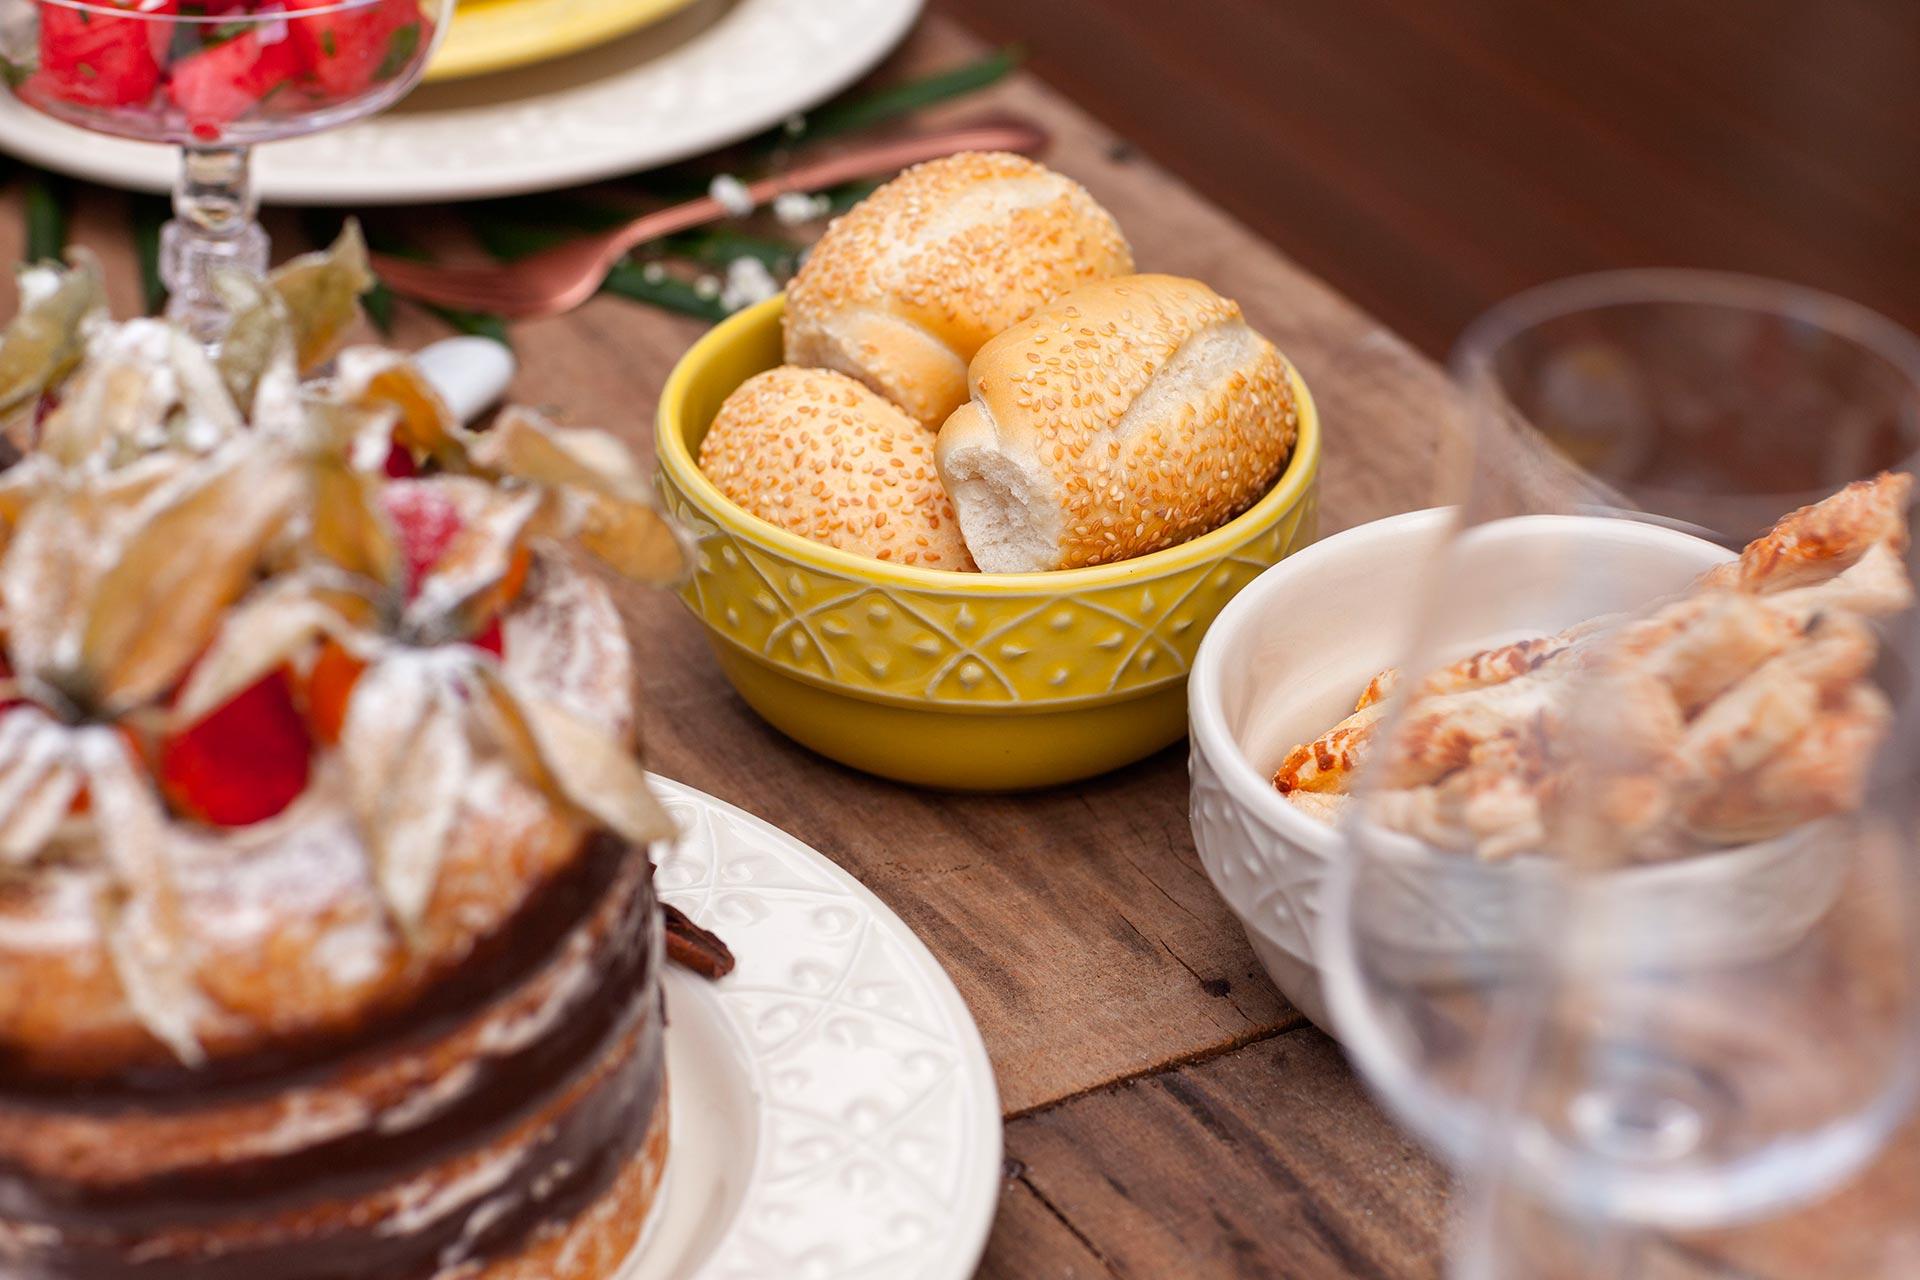 Imagem: Como a variedade de comida é grande, é bacana pensar em pequenas porções, como minipães, sequilhos e minissalgados. Foto: Raphael Günther/Bespoke Content.